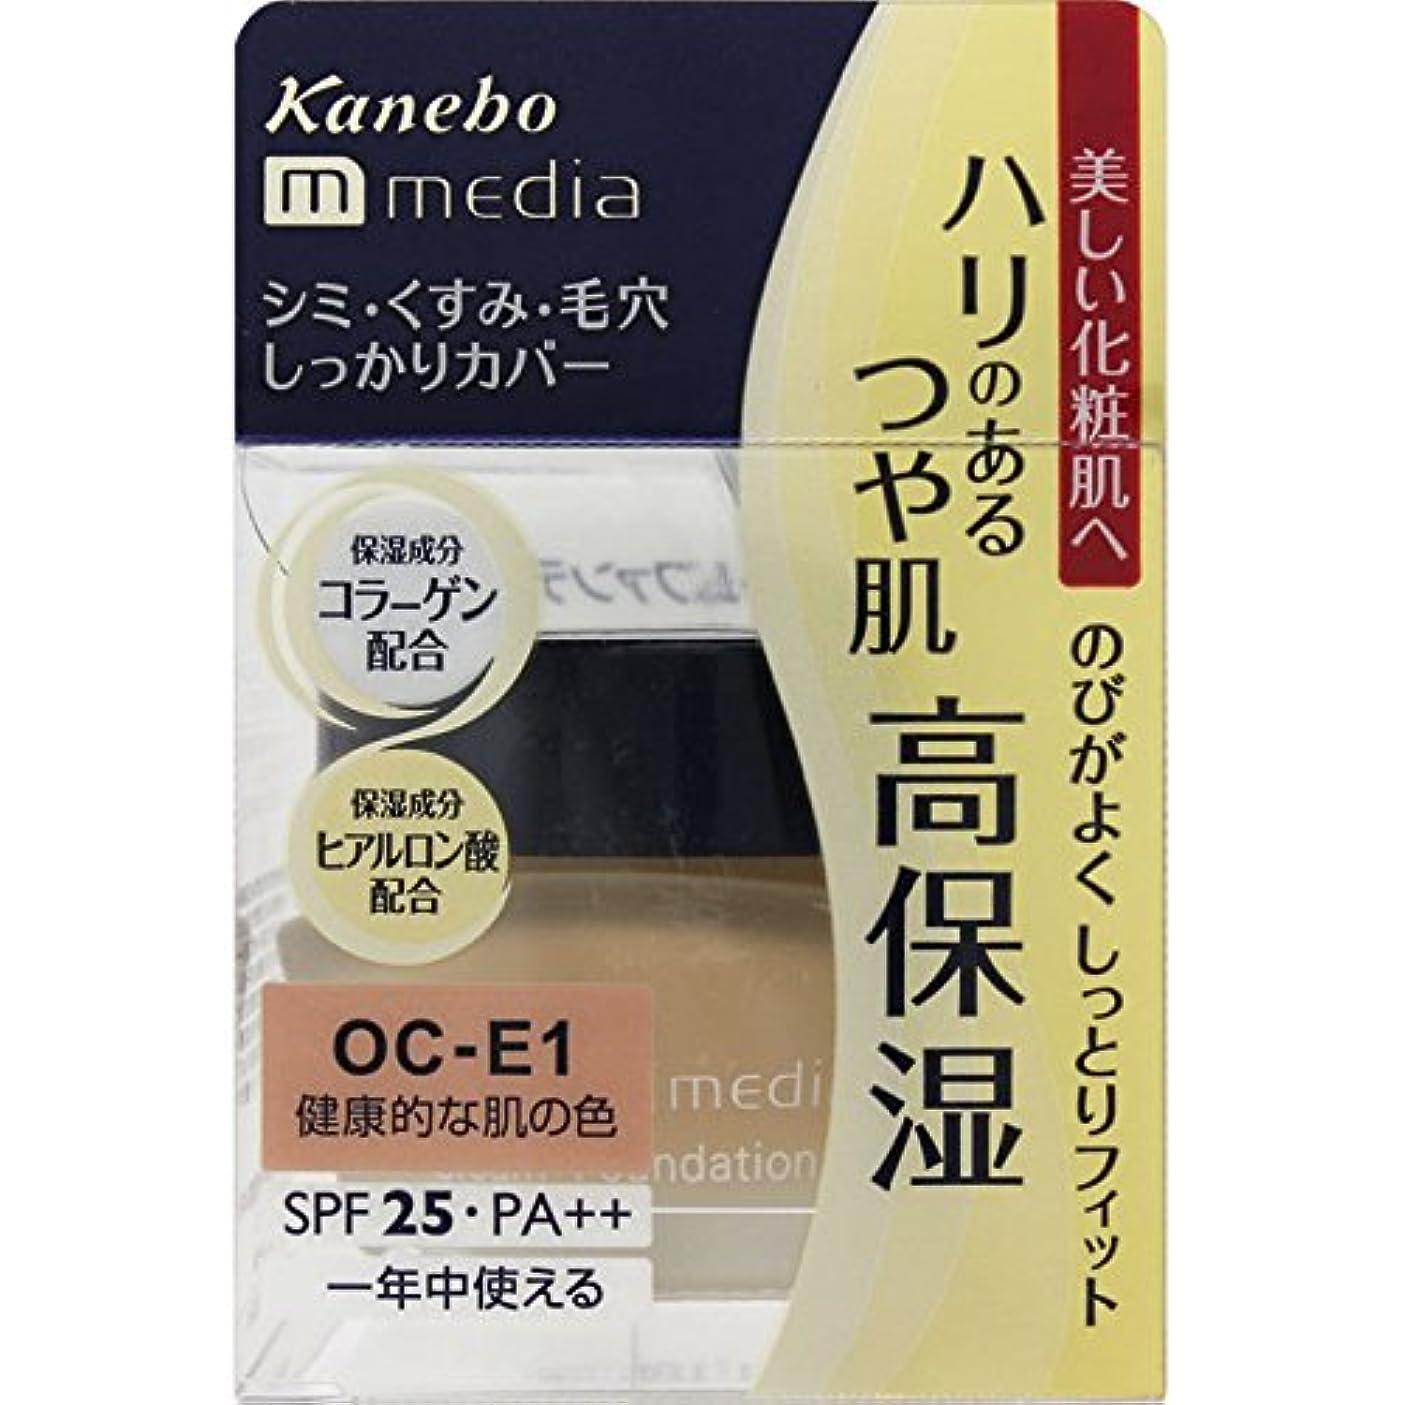 唇安いですするだろうカネボウ media(メディア) クリームファンデーション OC-E1(健康的な肌の色)